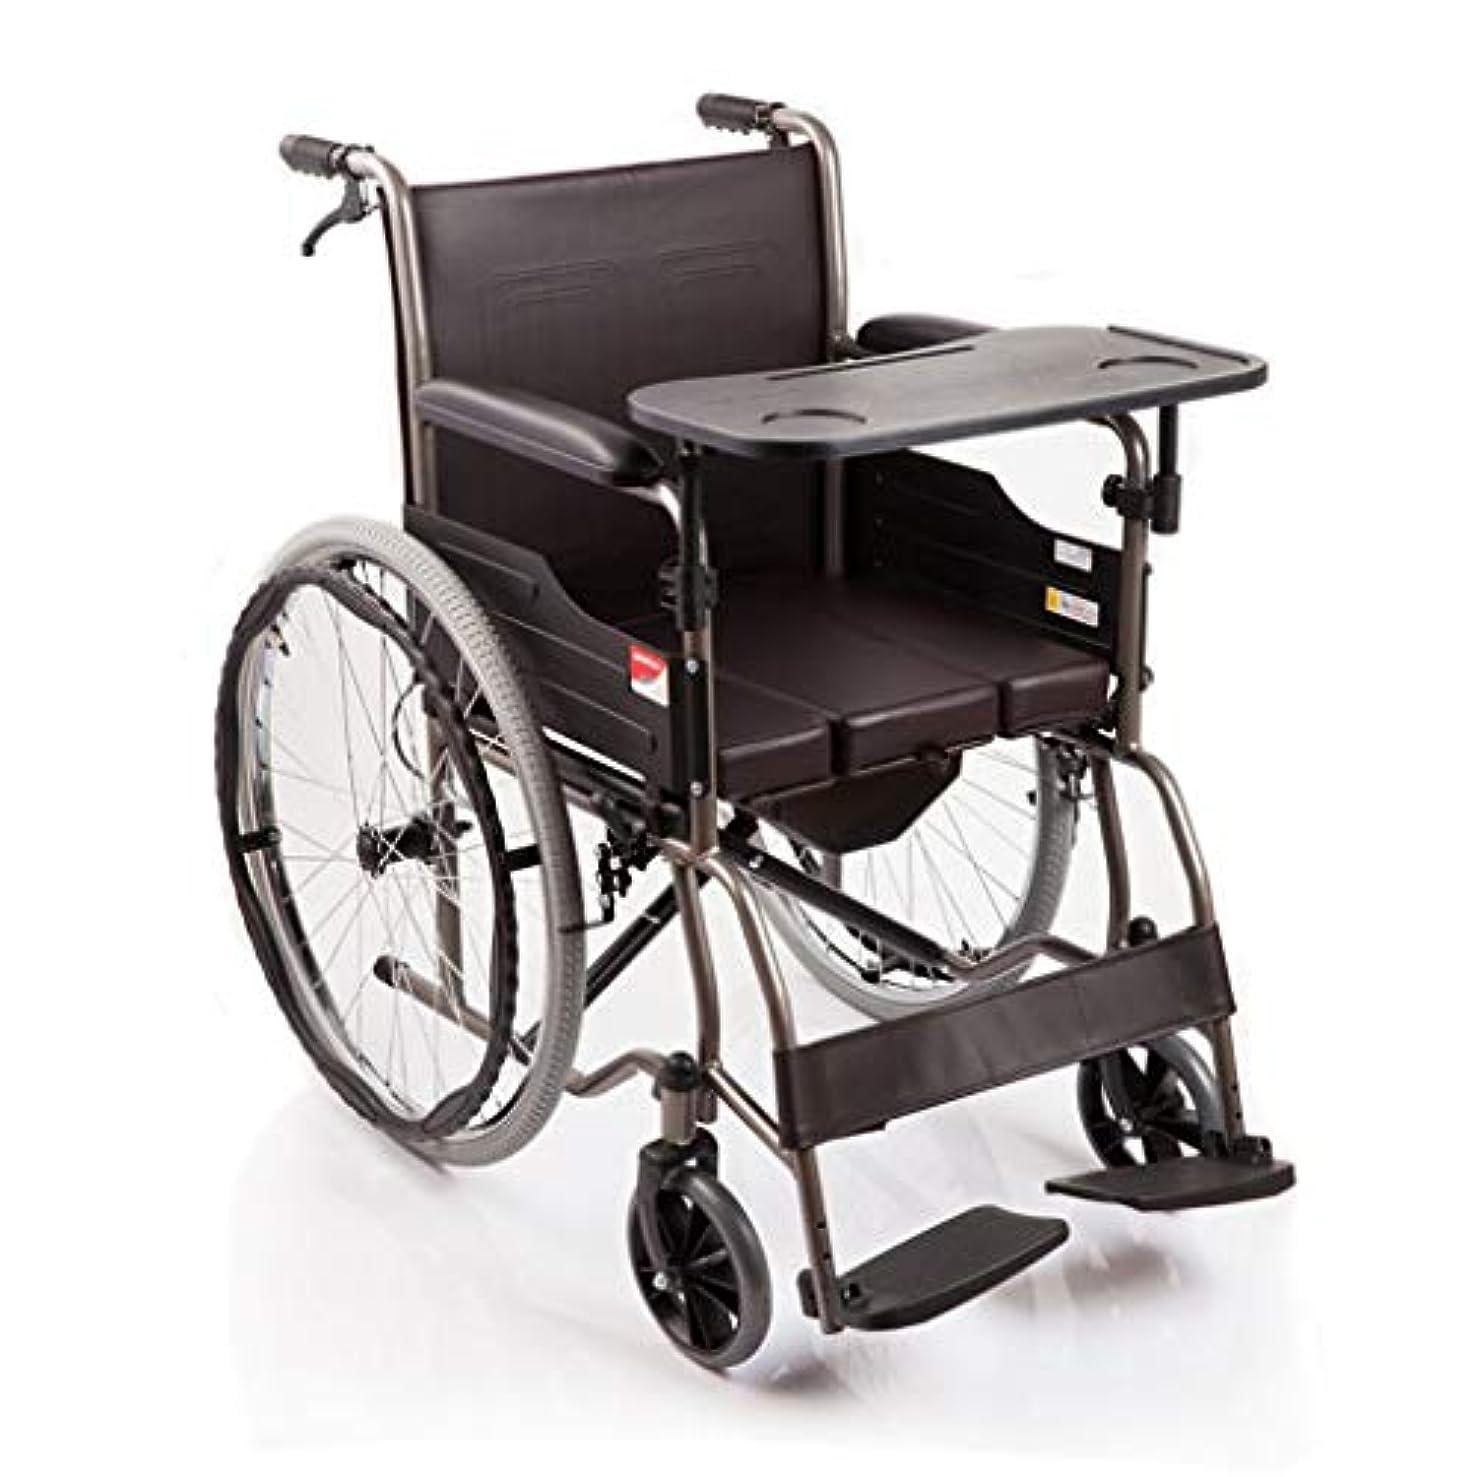 趣味日食気質手動車椅子シミュレーションレザーシートクッション、多機能車椅子、高齢者用屋外折りたたみ式トイレデザイン車椅子